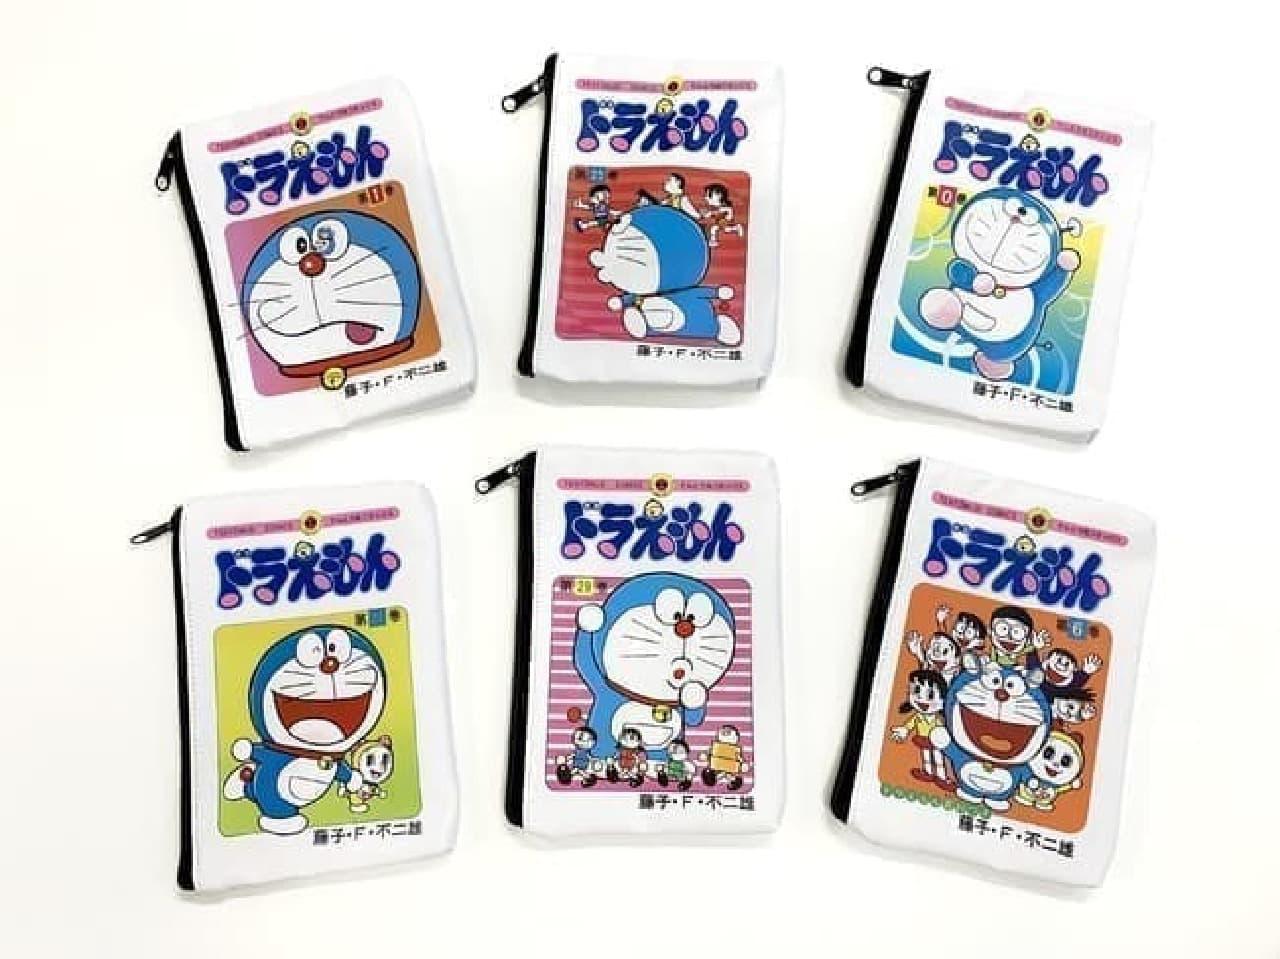 スペシャルコレクション「ASOKO de ドラえもん てんとう虫コミックス」 -- 表紙やコマをデザインした雑貨81点